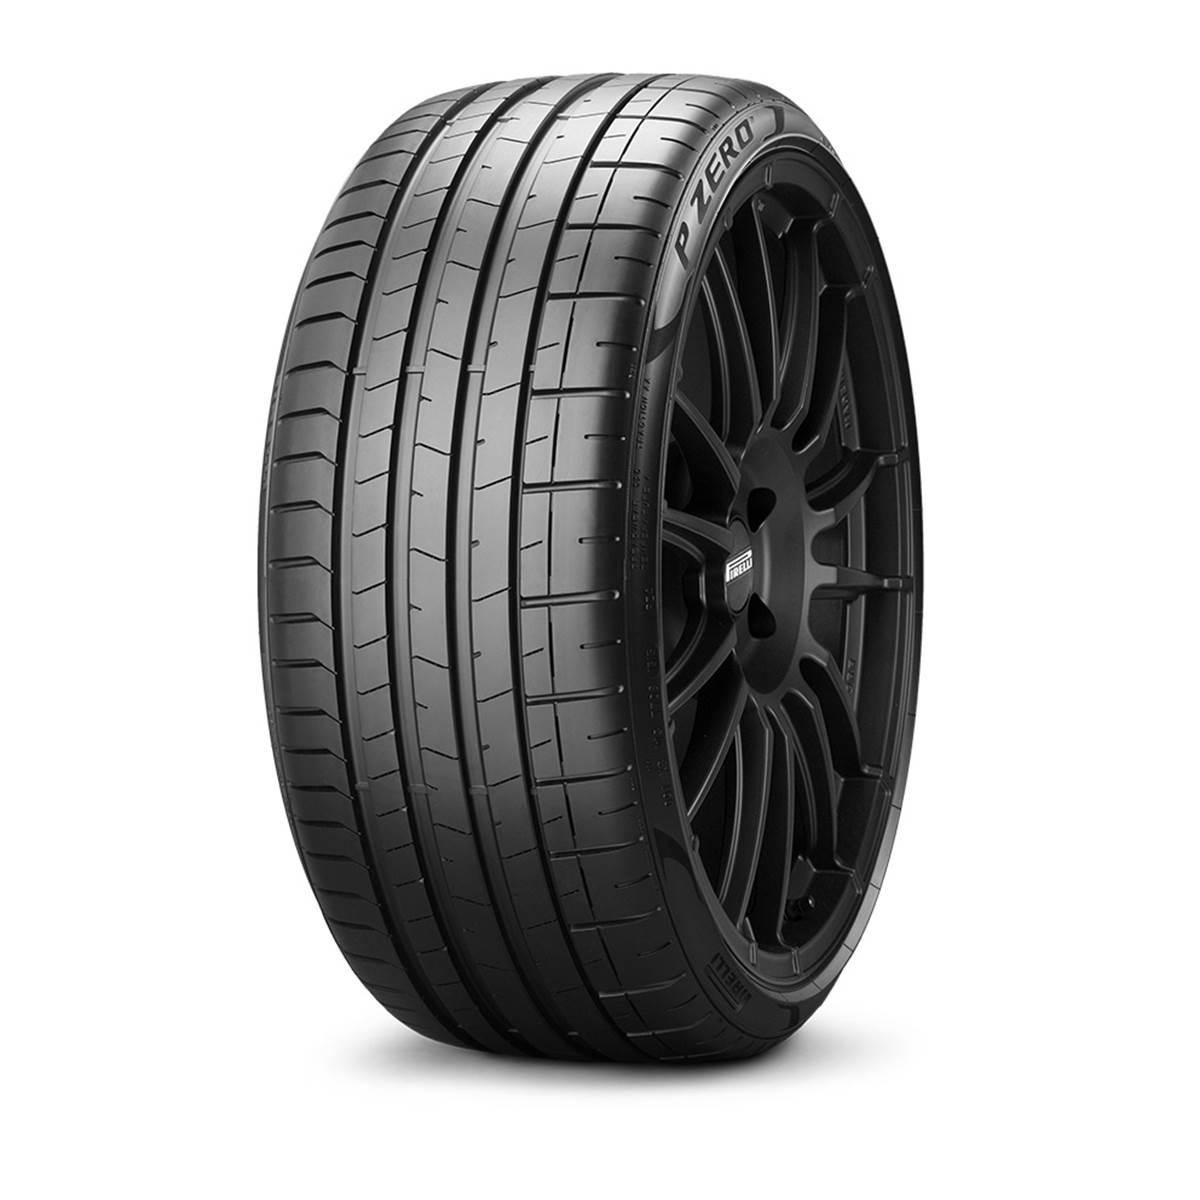 Pneu Pirelli 235/35R19 91Y P7 XL